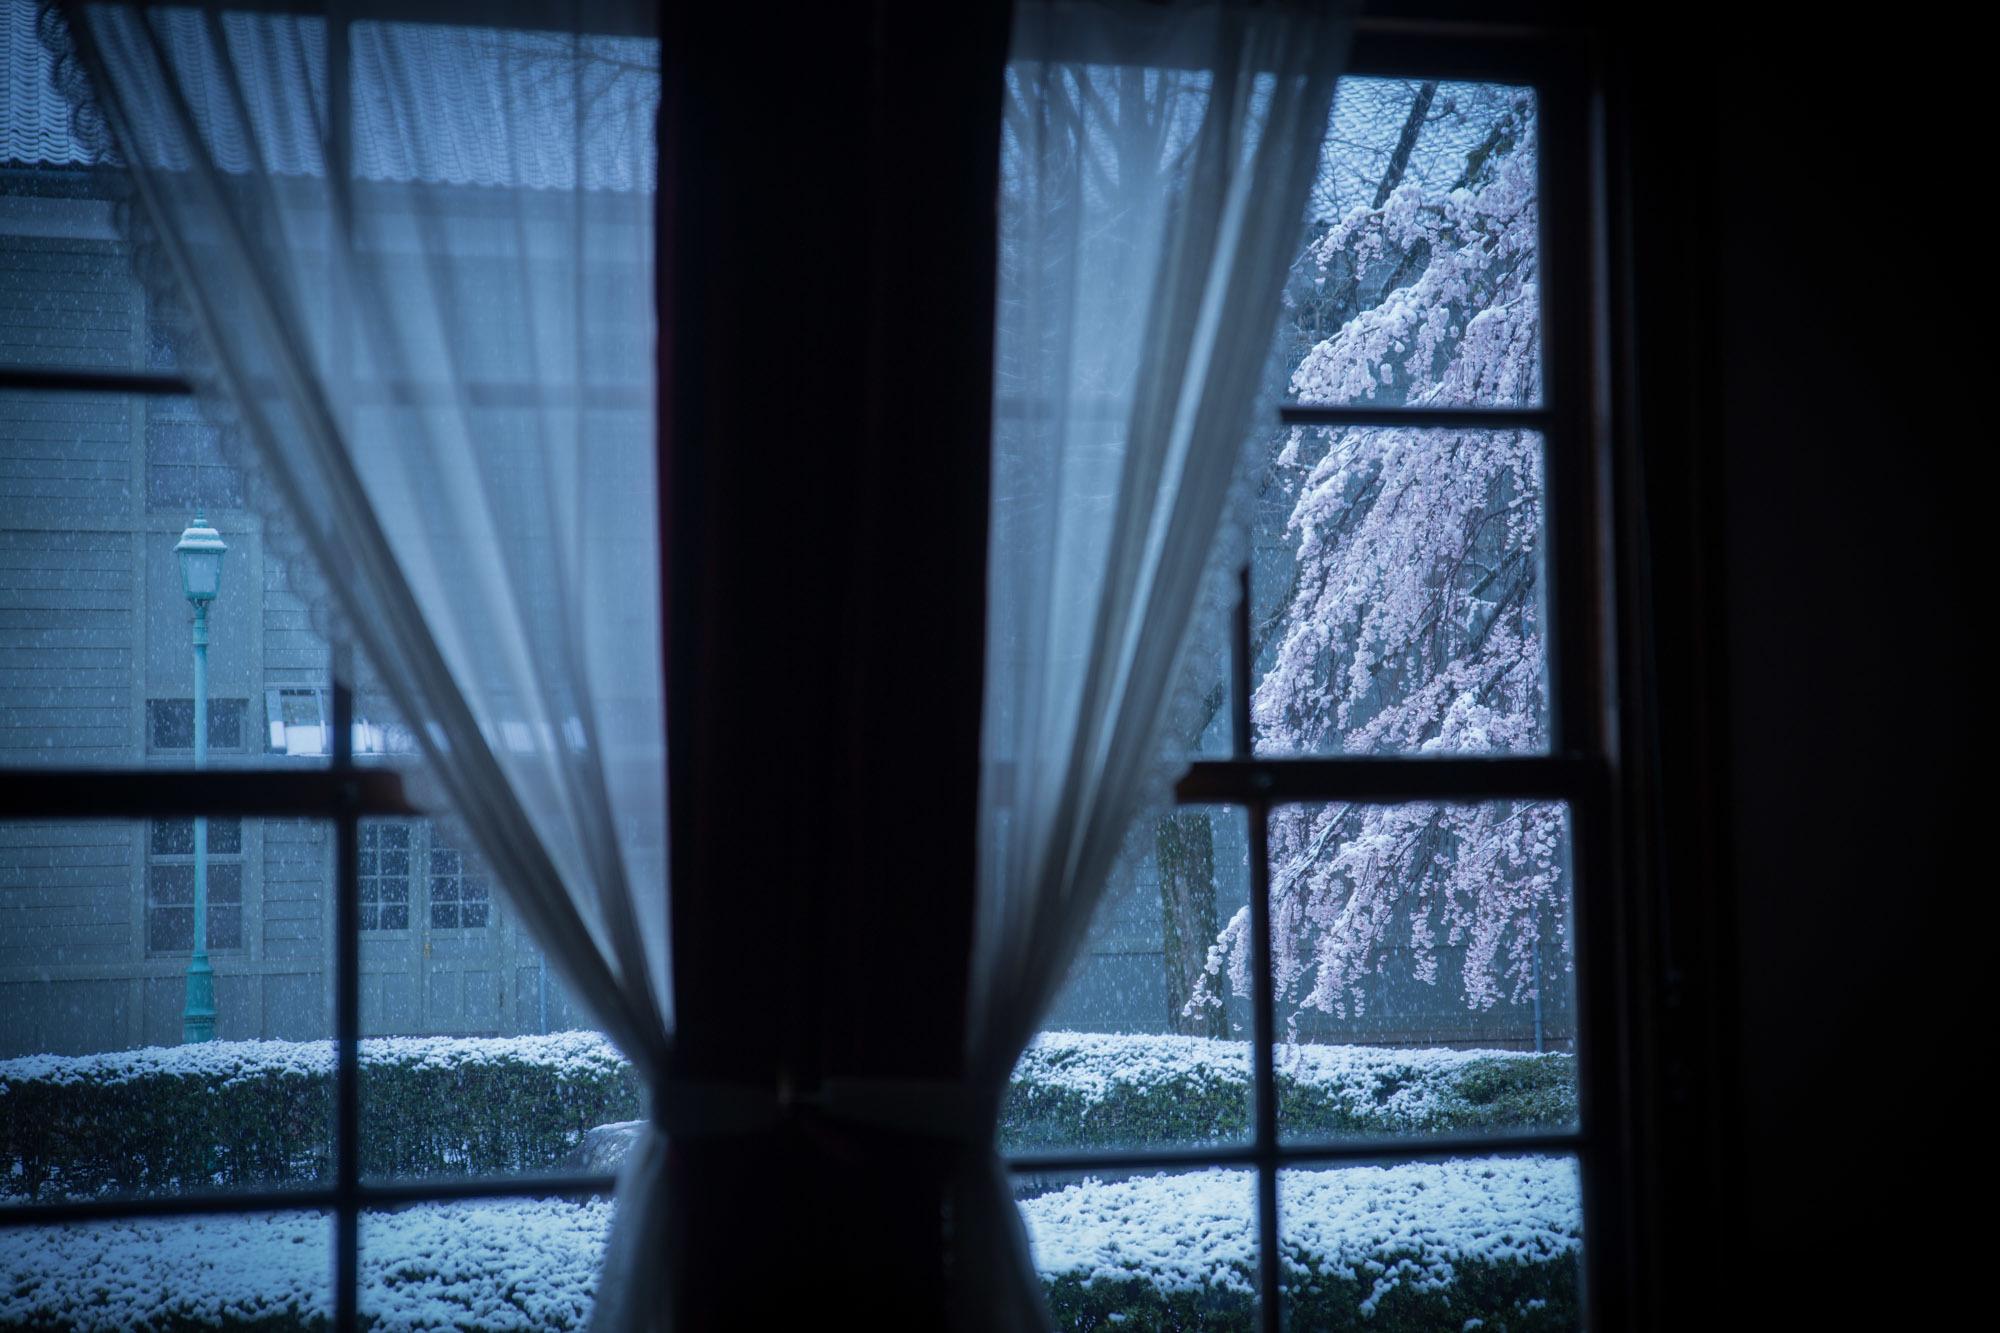 なごり雪の窓辺~あがたの森の枝垂桜~_d0349418_20474244.jpg